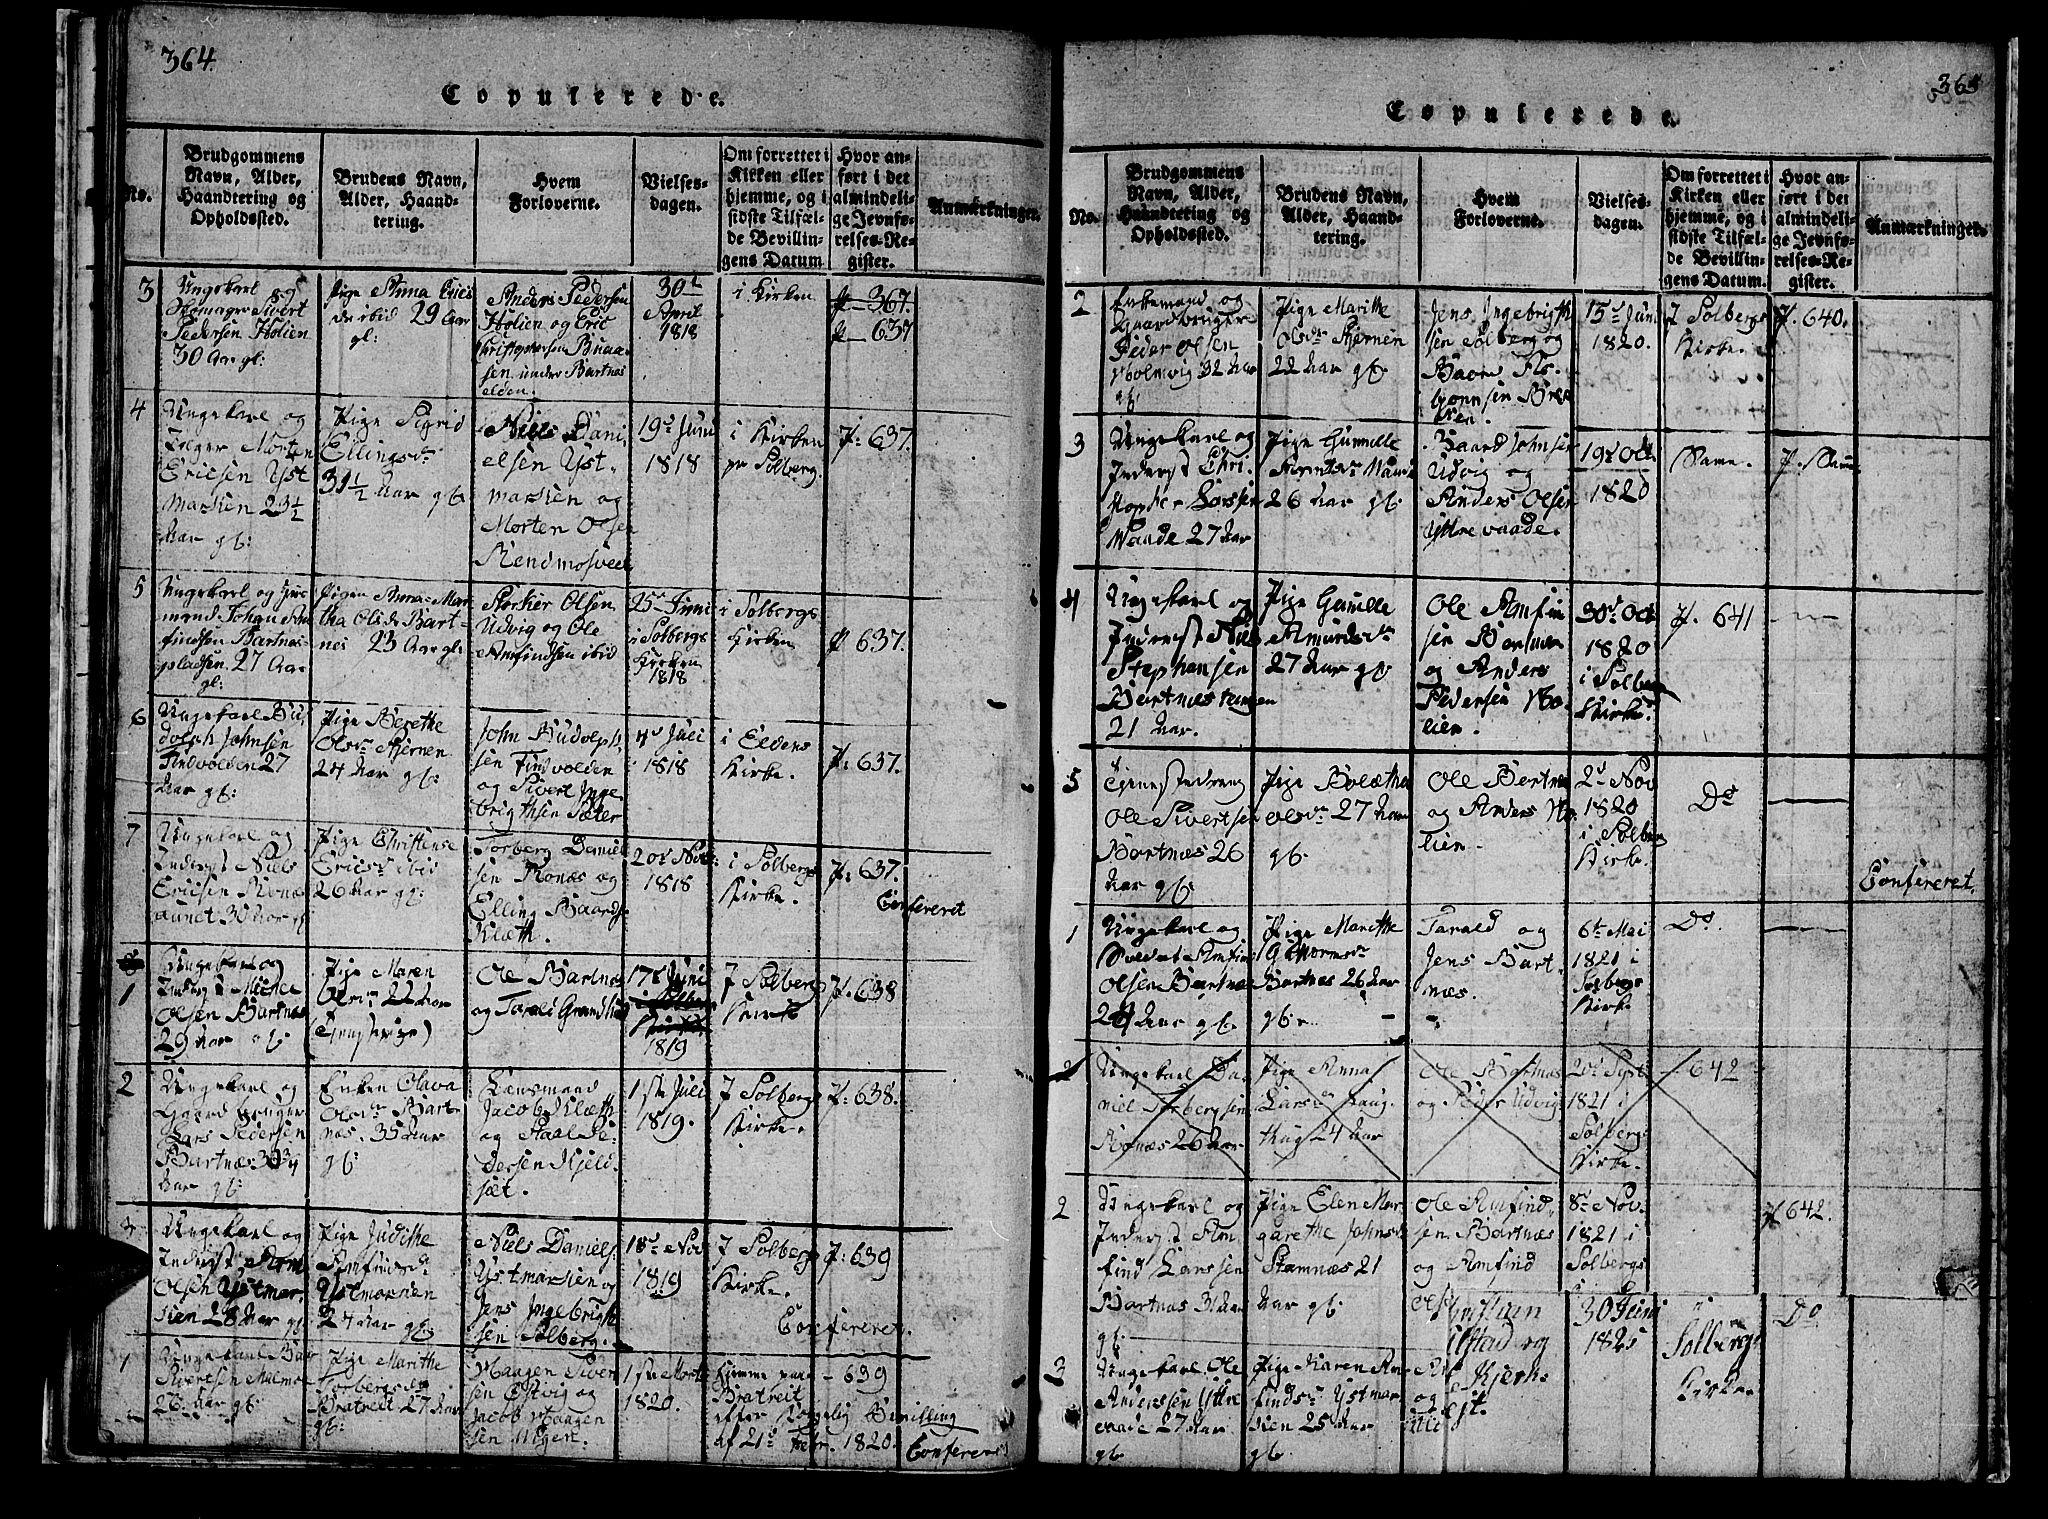 SAT, Ministerialprotokoller, klokkerbøker og fødselsregistre - Nord-Trøndelag, 745/L0433: Klokkerbok nr. 745C02, 1817-1825, s. 264-265